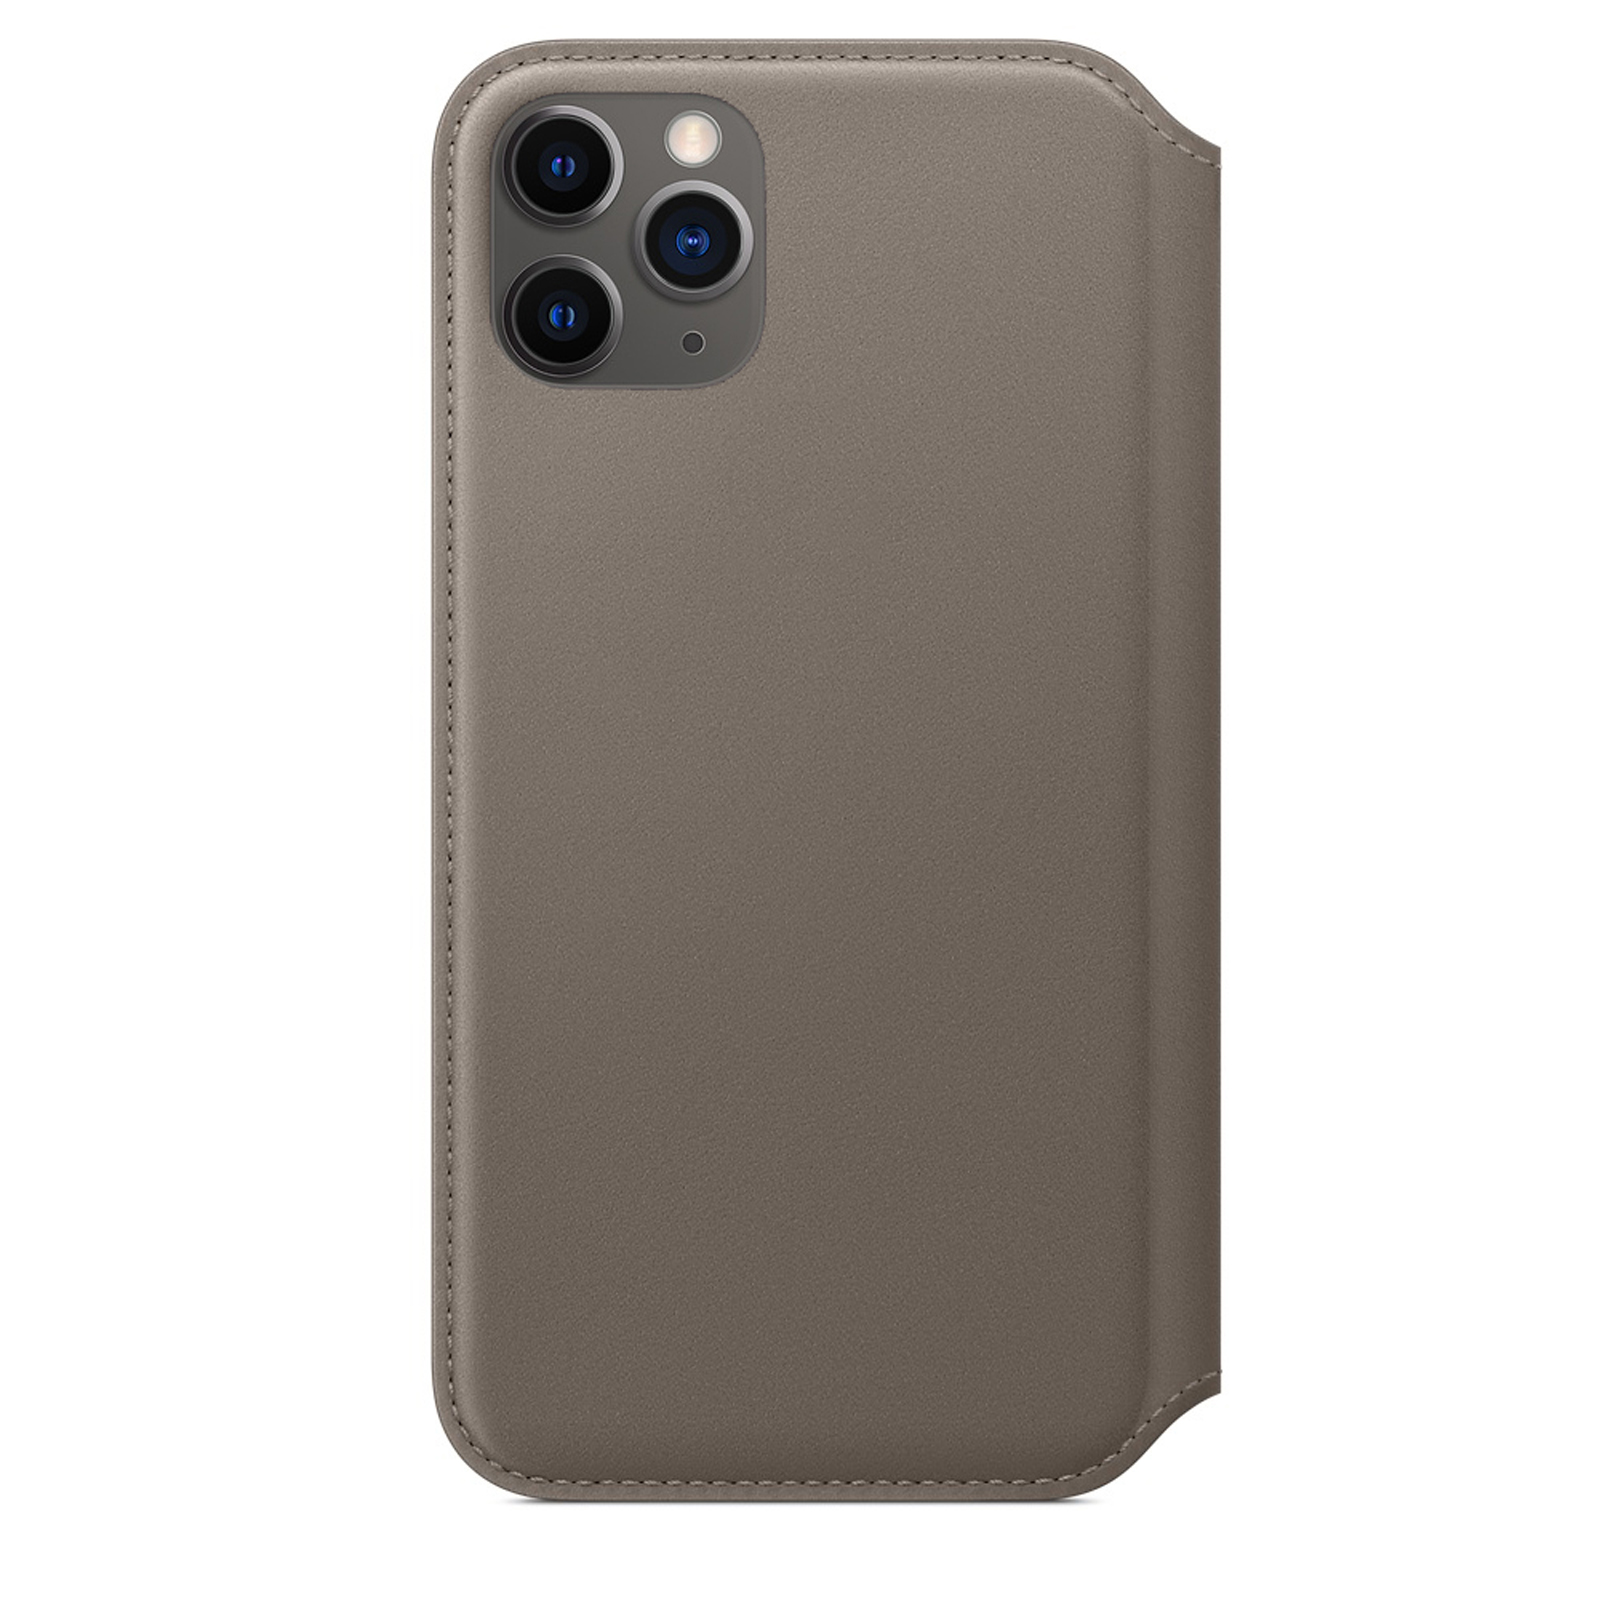 Nouveau-cuir-flip-portefeuille-Folio-Telephone-Etui-Housse-Pour-Apple-iPhone-11-Pro-Max-Xs-XR miniature 39